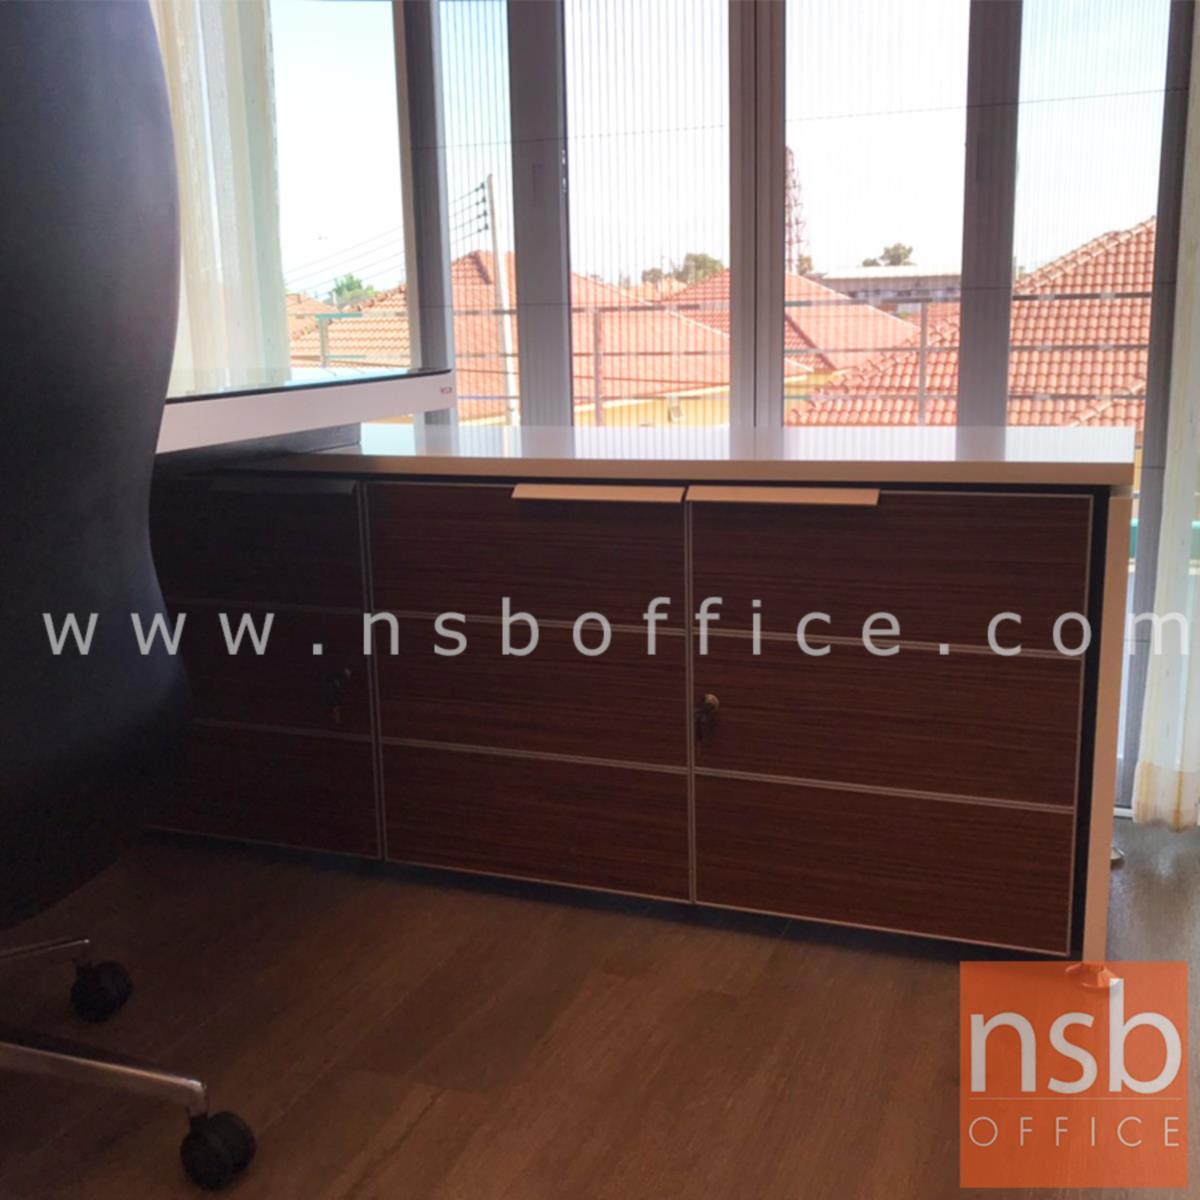 โต๊ะทำงานตัวแอลหน้ากระจก  รุ่น Nextline (เน็กซ์ไลน์) ขนาด 258W cm. สีซีบราโน่-ขาว